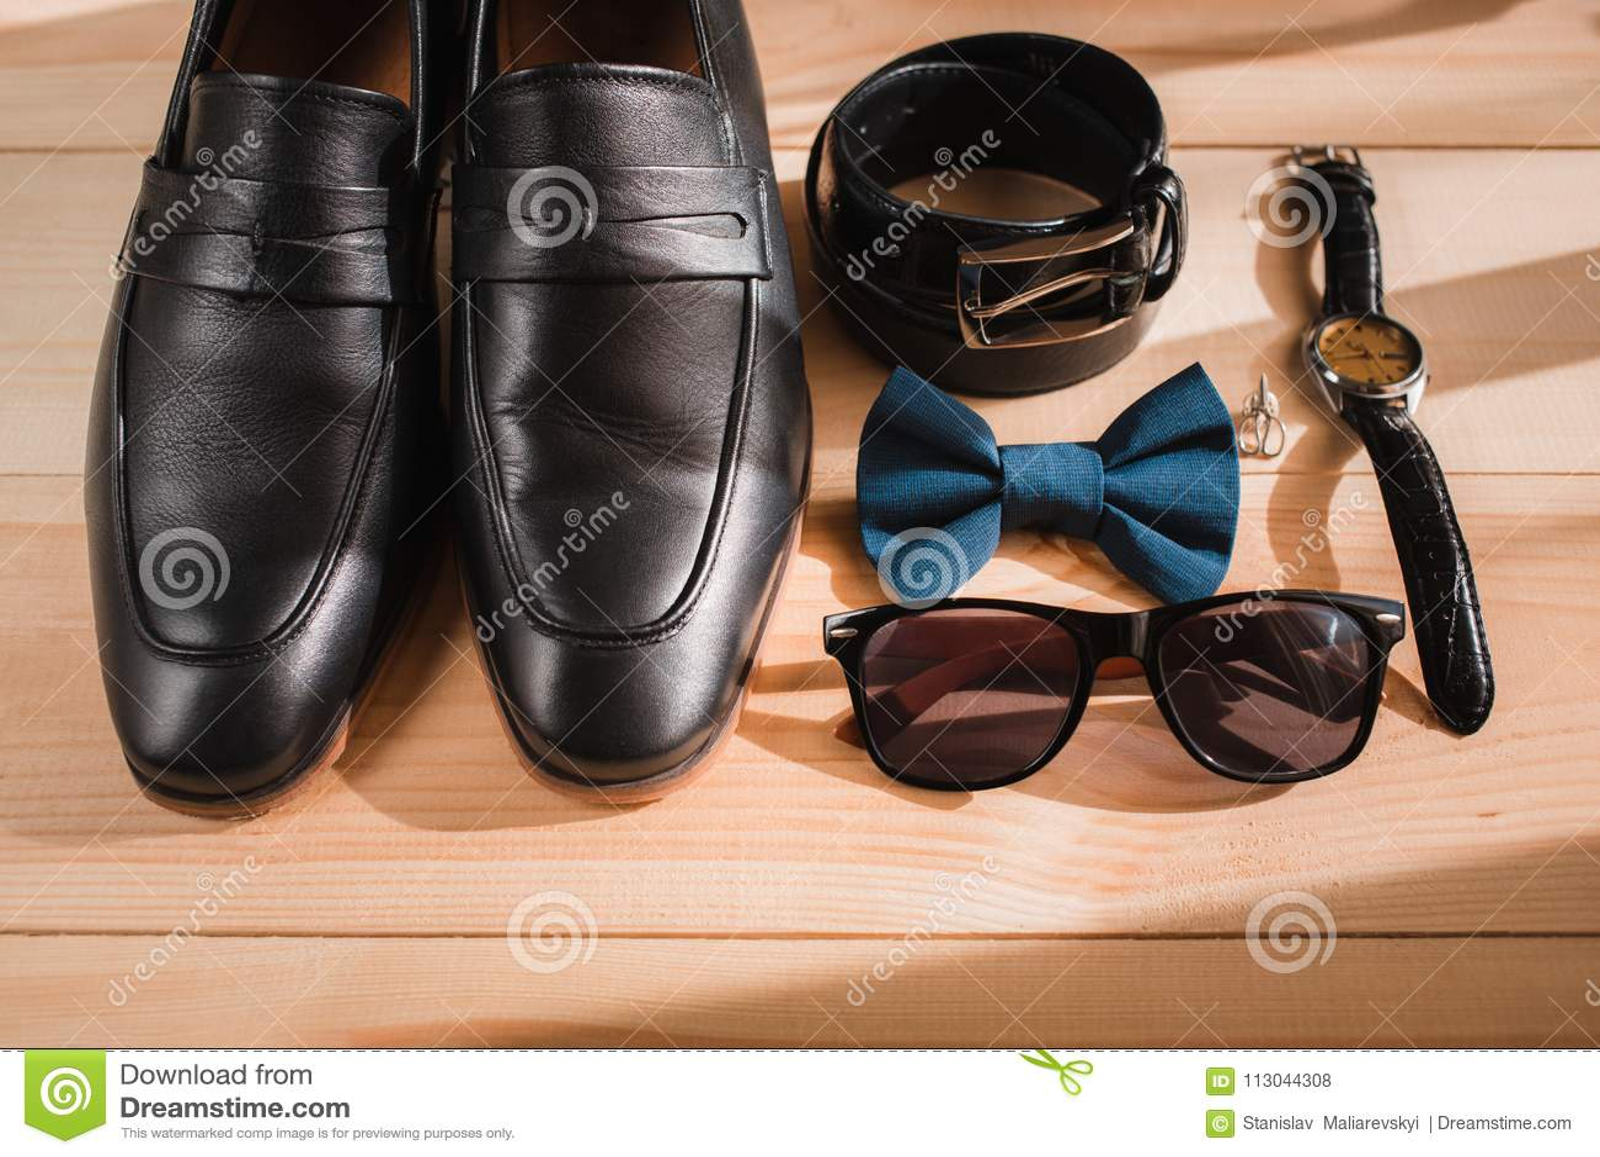 Εξαρτήματα επιχειρηματιών Ύφος ατόμων ` s Εξαρτήματα ατόμων ` s: Πεταλούδα ατόμων ` s, παπούτσια ατόμων ` s, ρολόγια ατόμων ` s